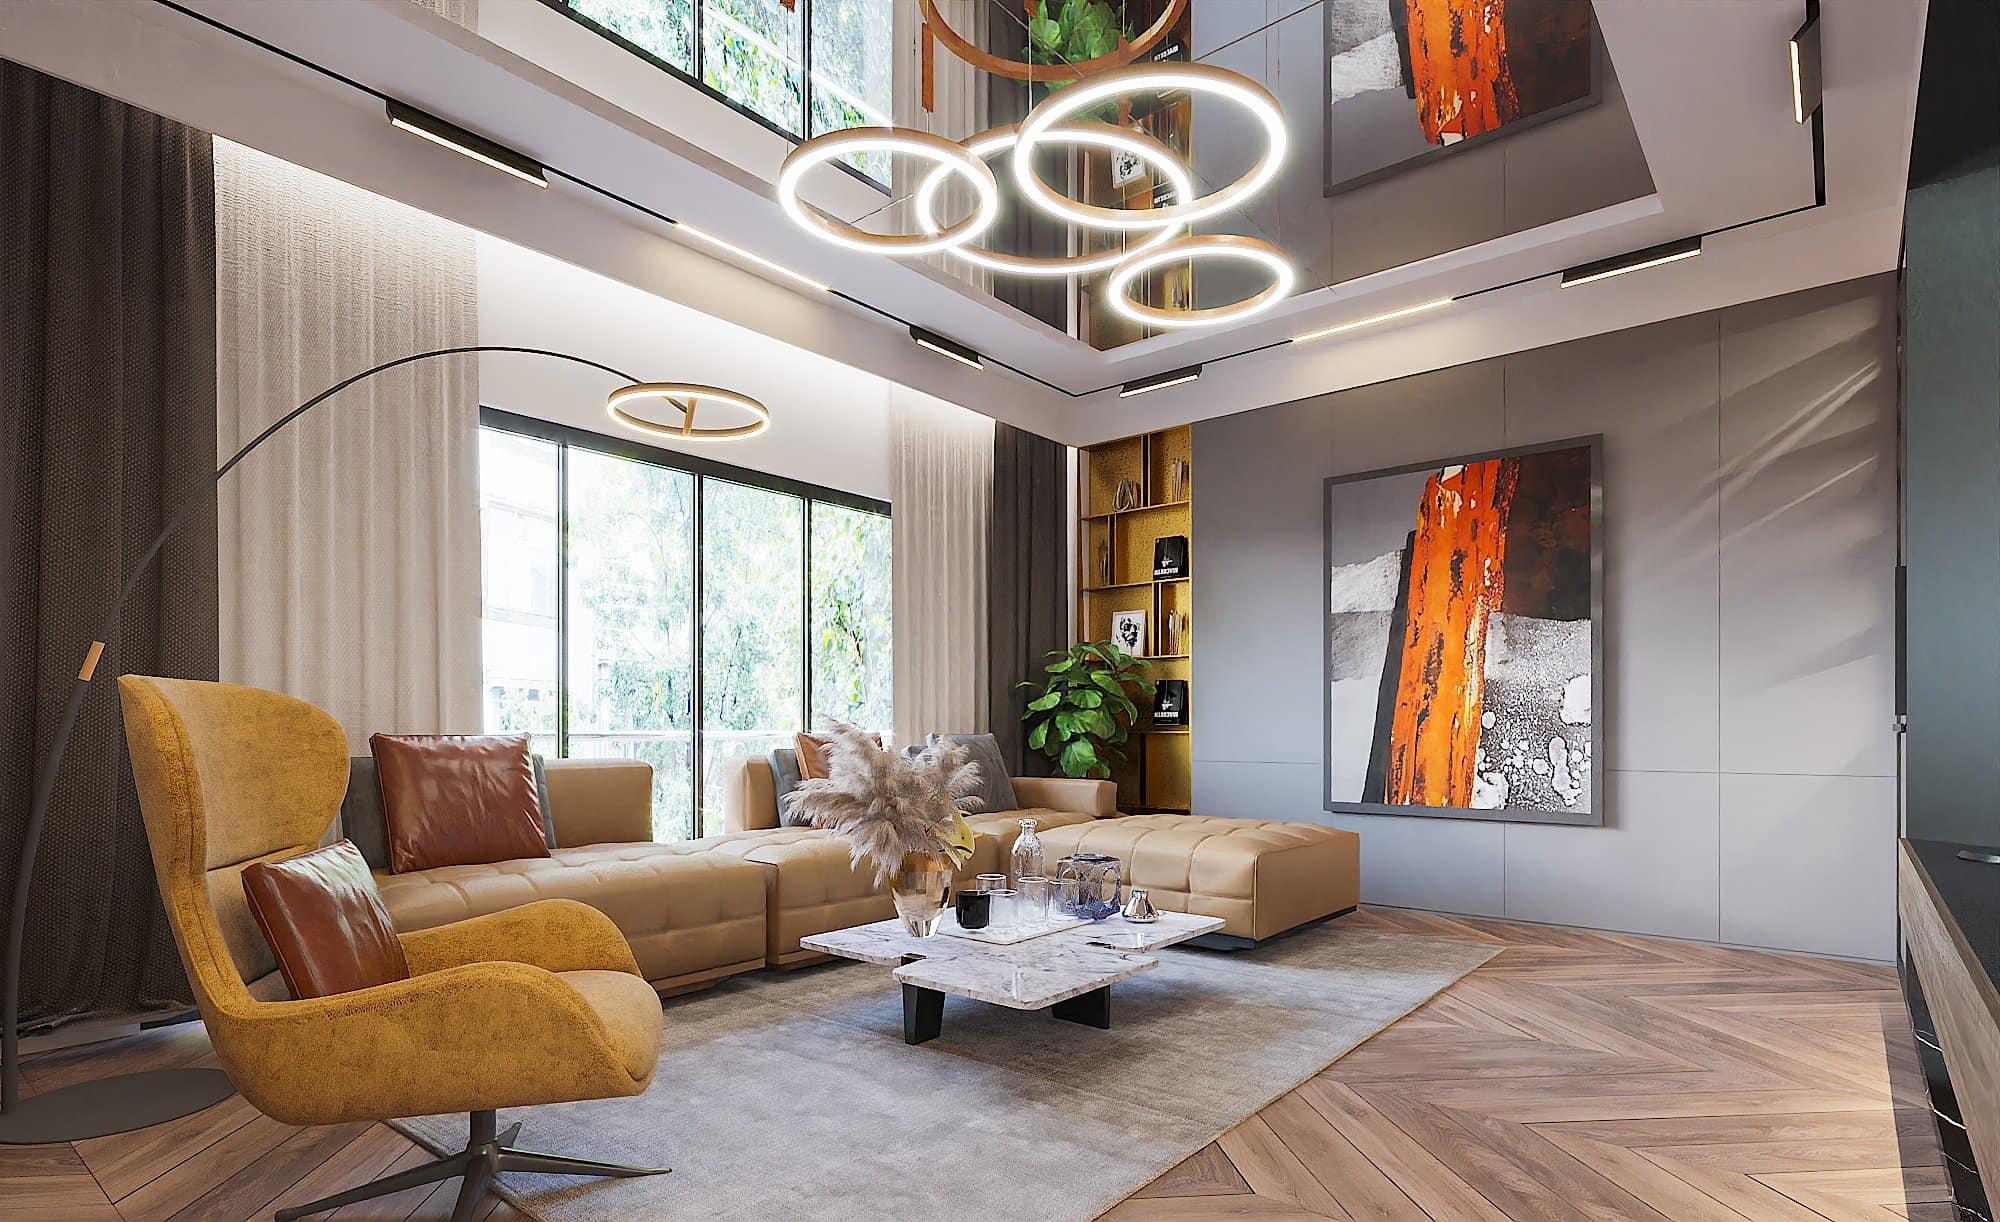 """Hồng Đăng (Hướng Dương Ngược Nắng) khoe nhà mới đẹp như phim Hàn, góc """"chill"""" ngay trong nhà xịn không kém homestay - Ảnh 5."""